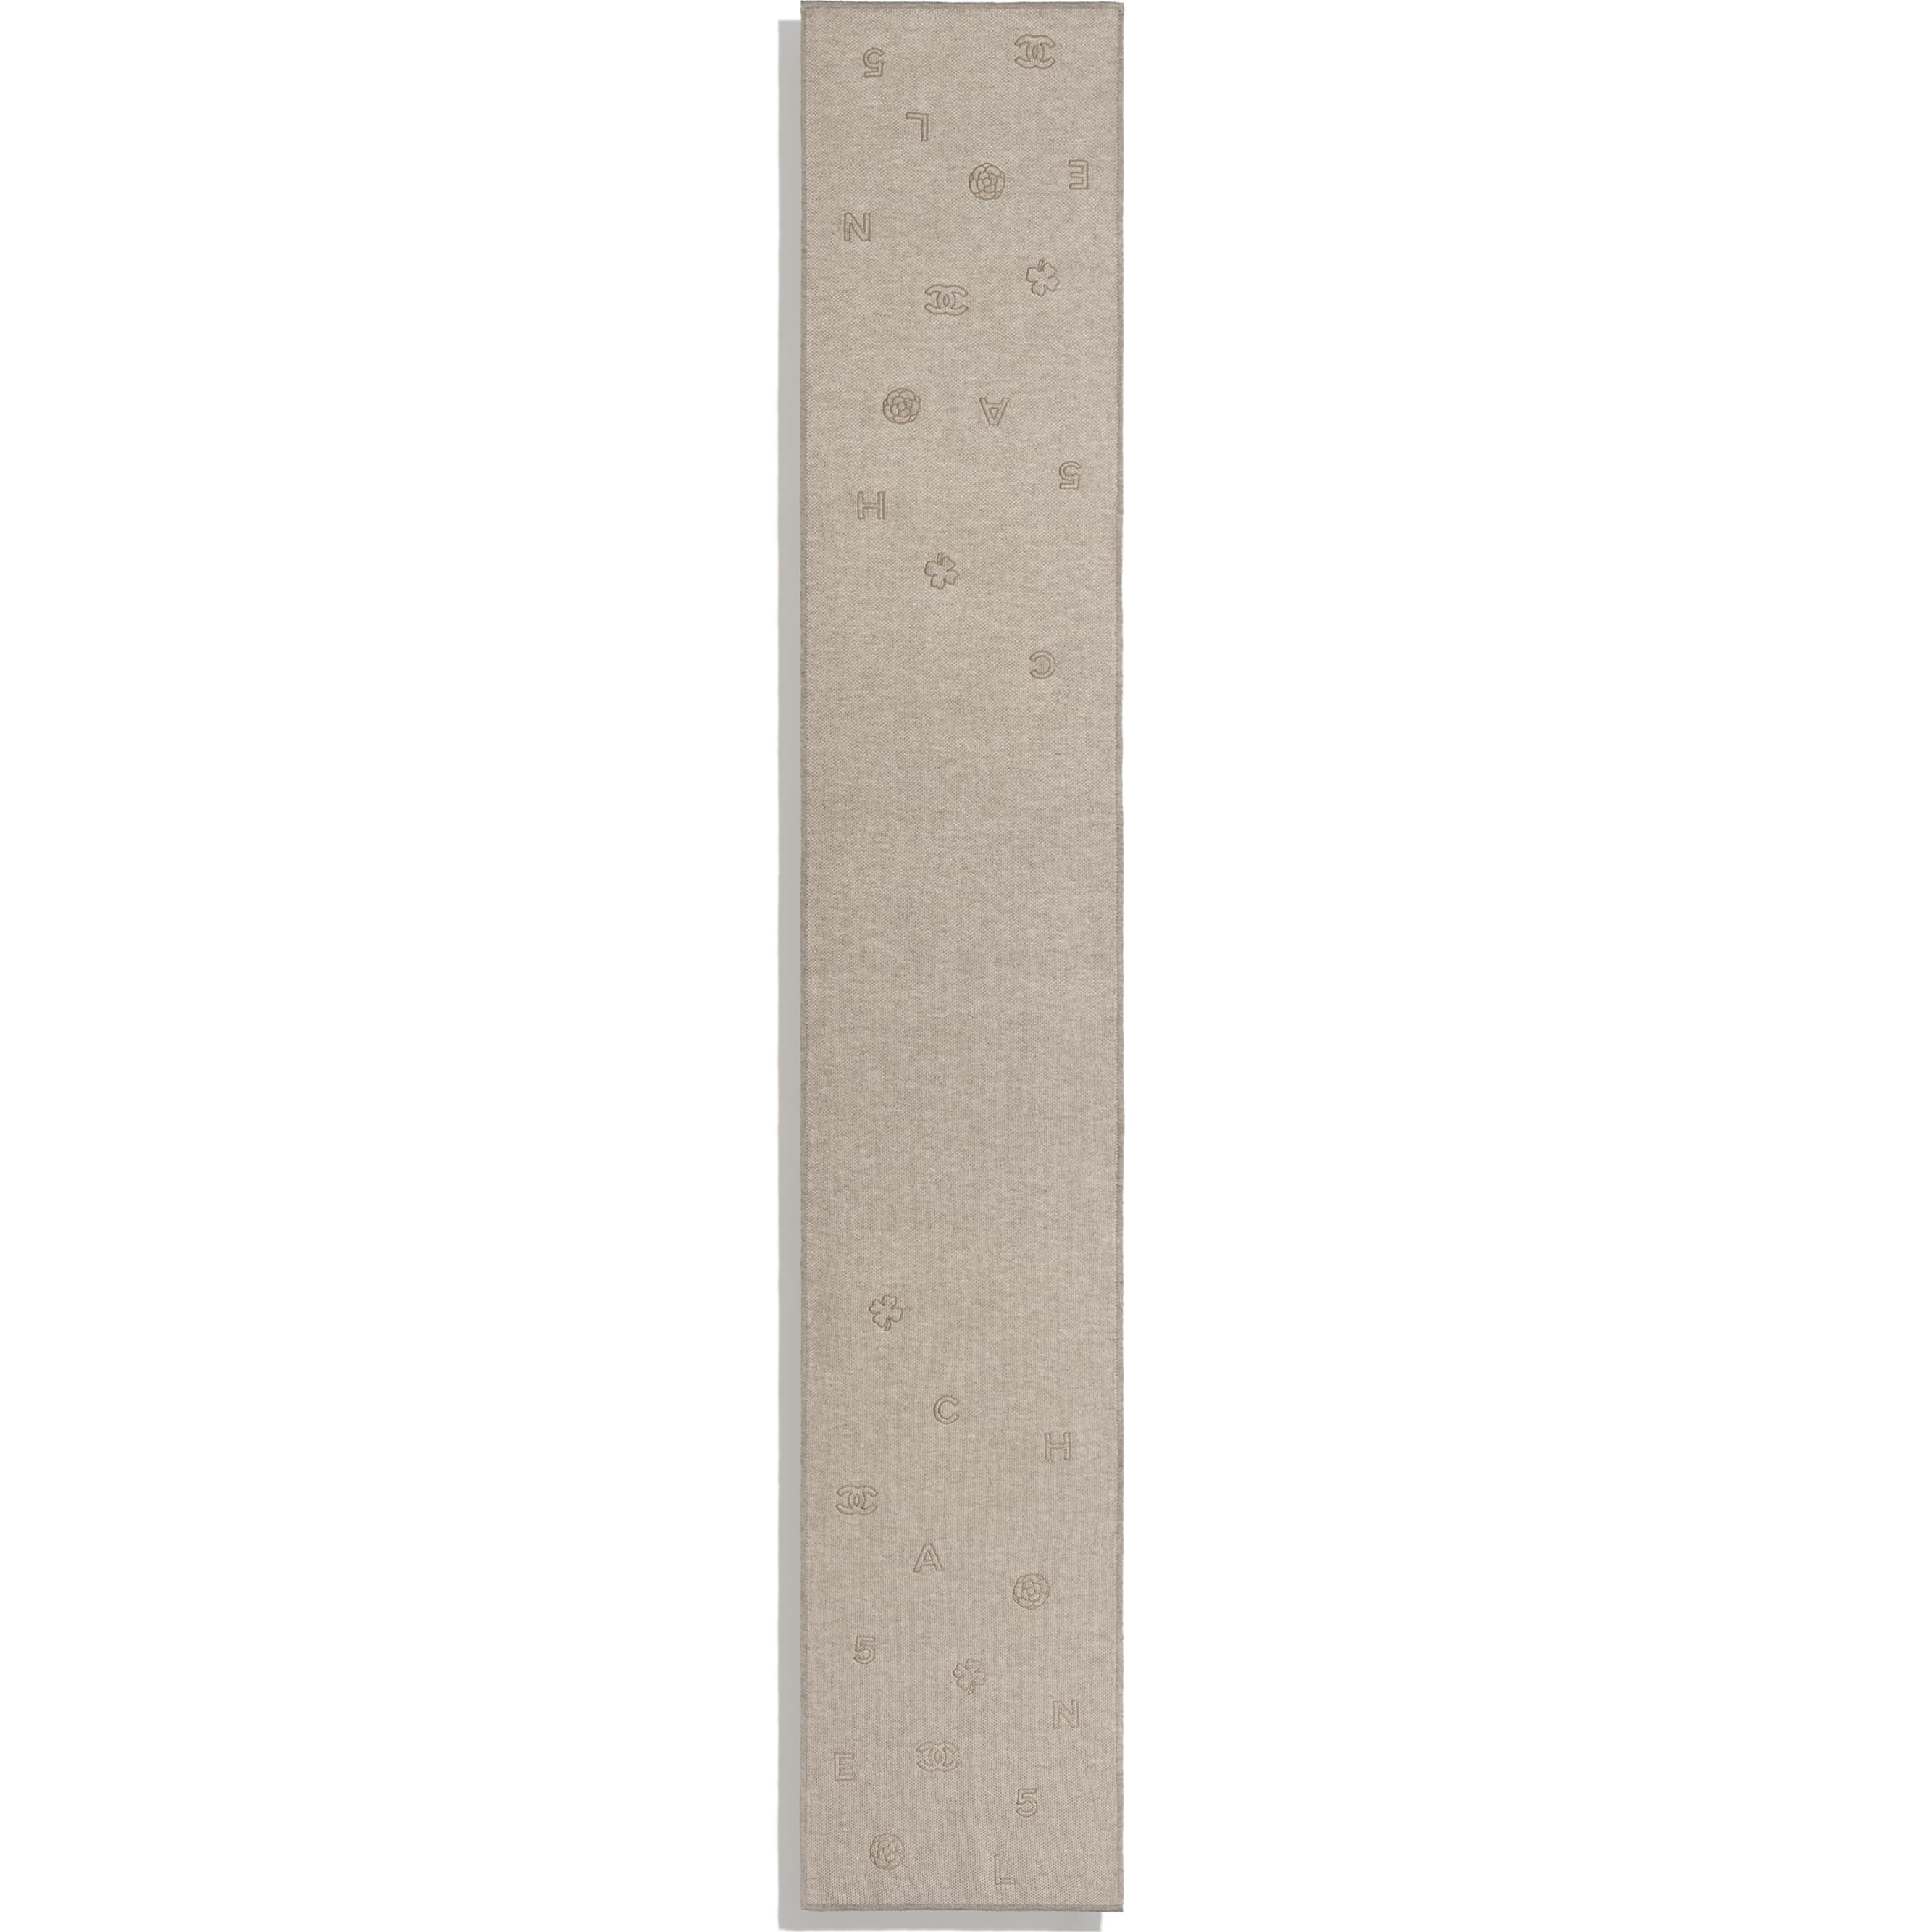 圍巾 - 米 - 開士米 - CHANEL - 其他視圖 - 查看標準尺寸版本